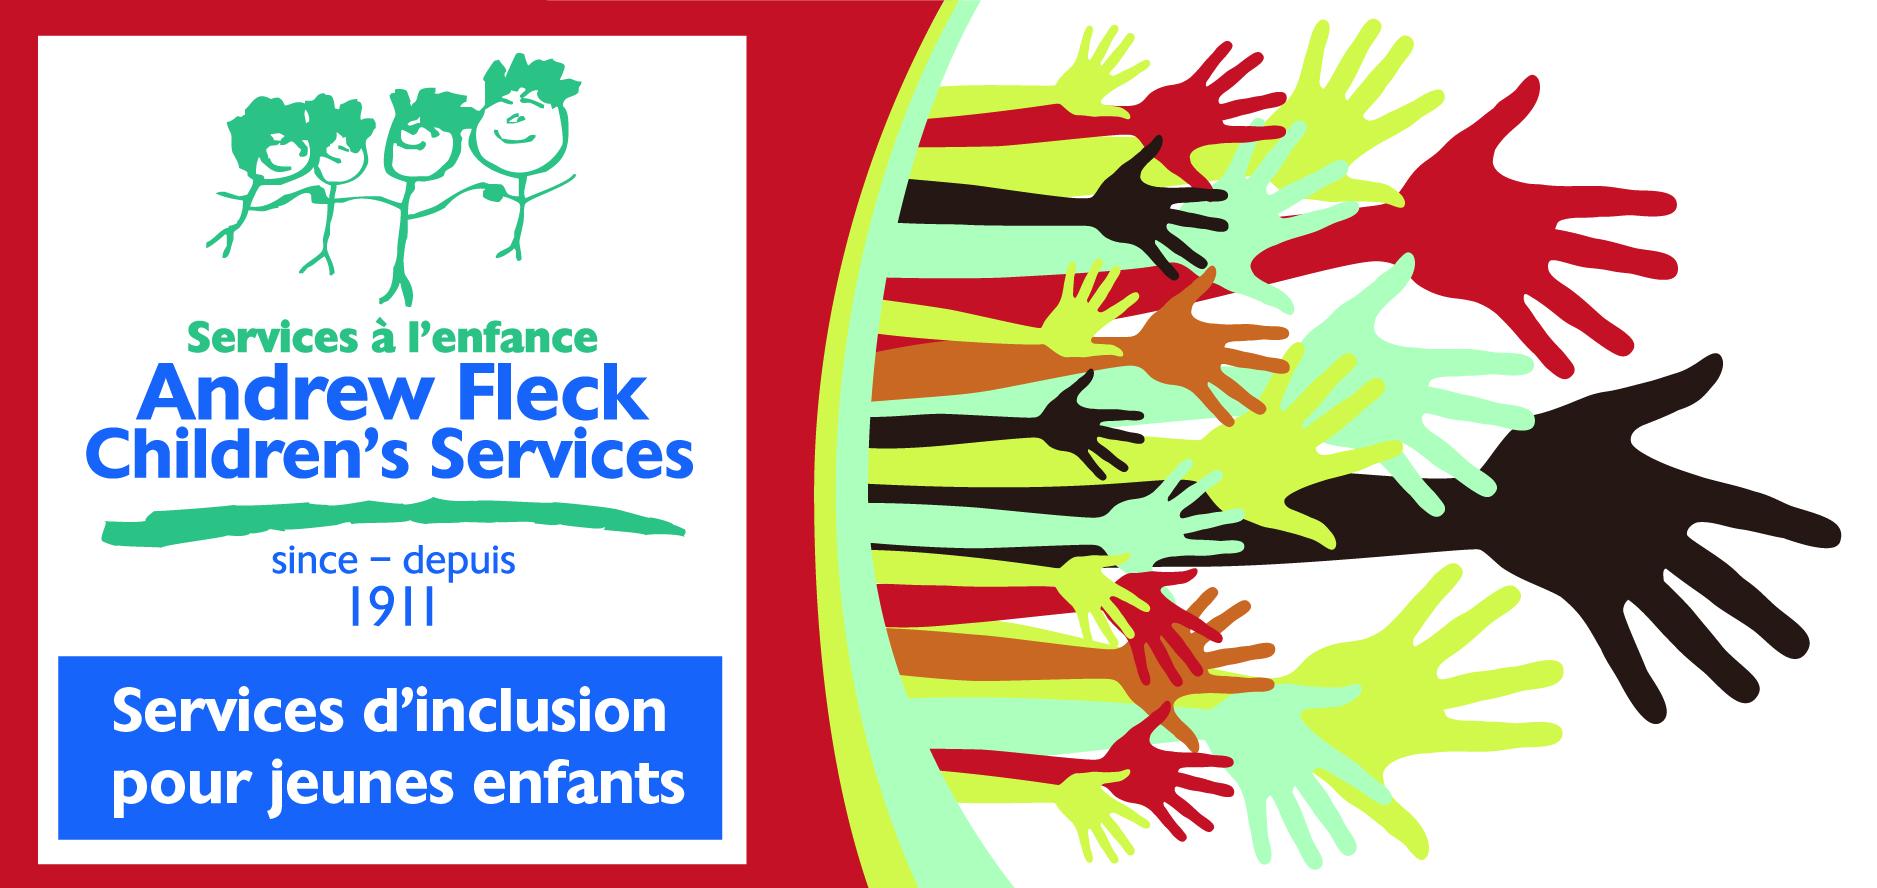 Service d'inclusion pour jeunes enfants